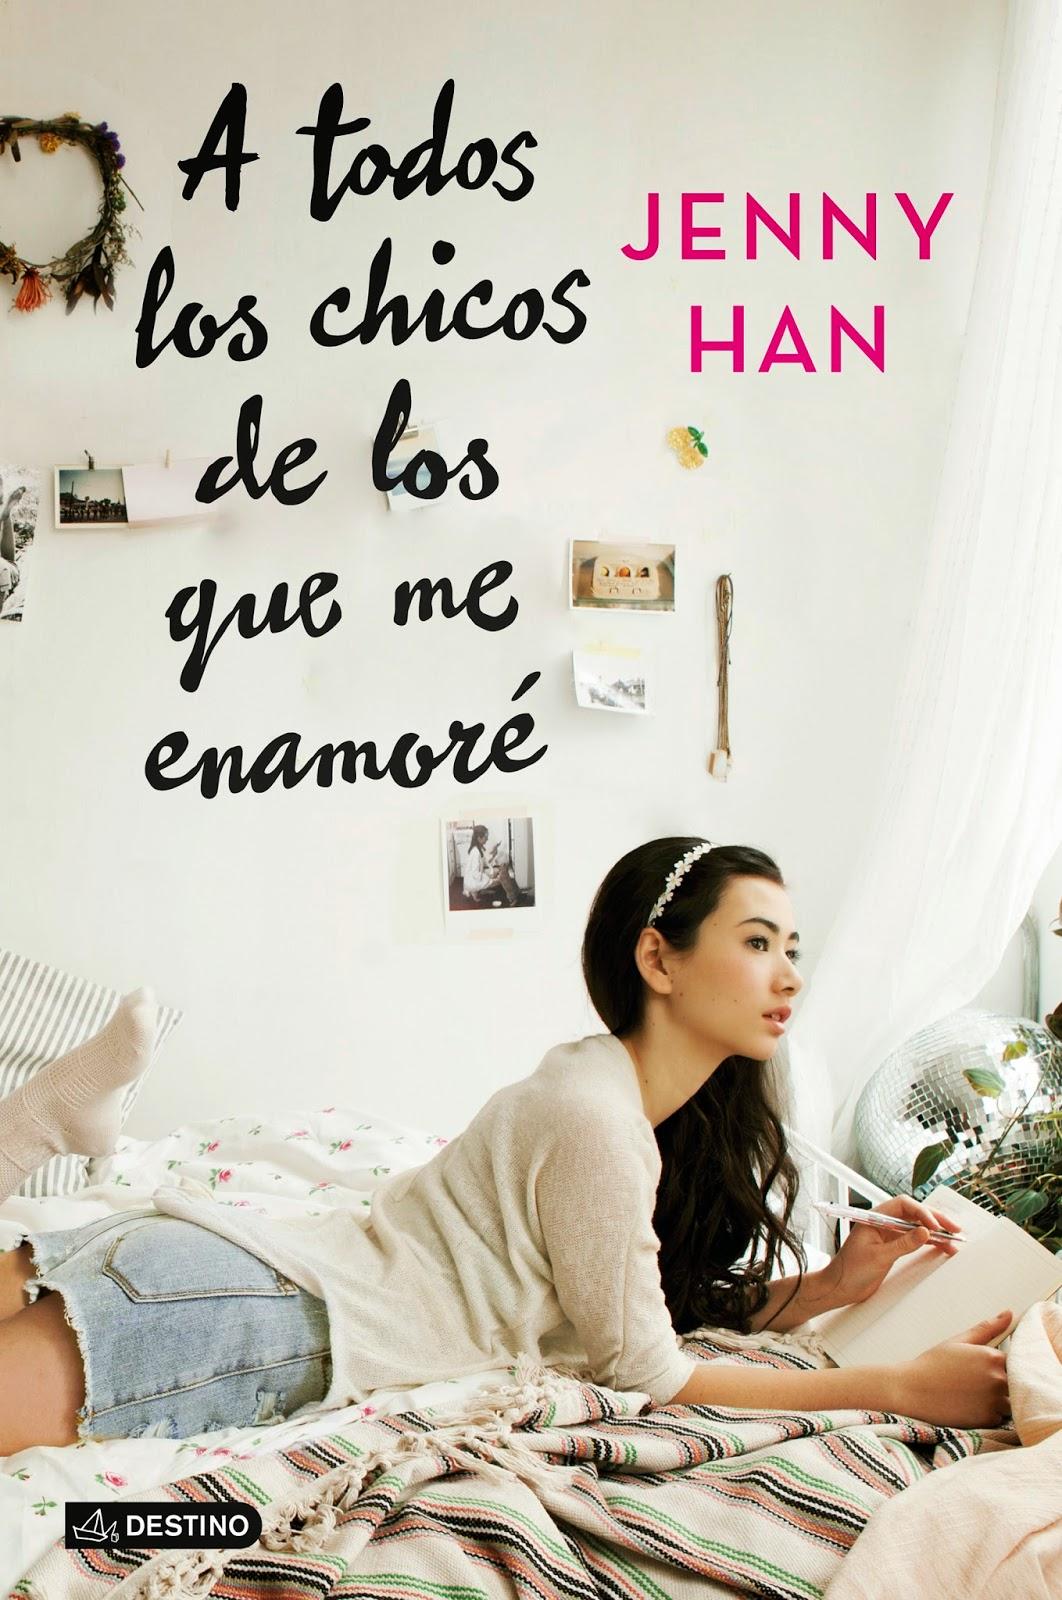 http://labibliotecadebella.blogspot.com.es/2015/01/jenny-hann-todos-los-chicos-de-los-que.html